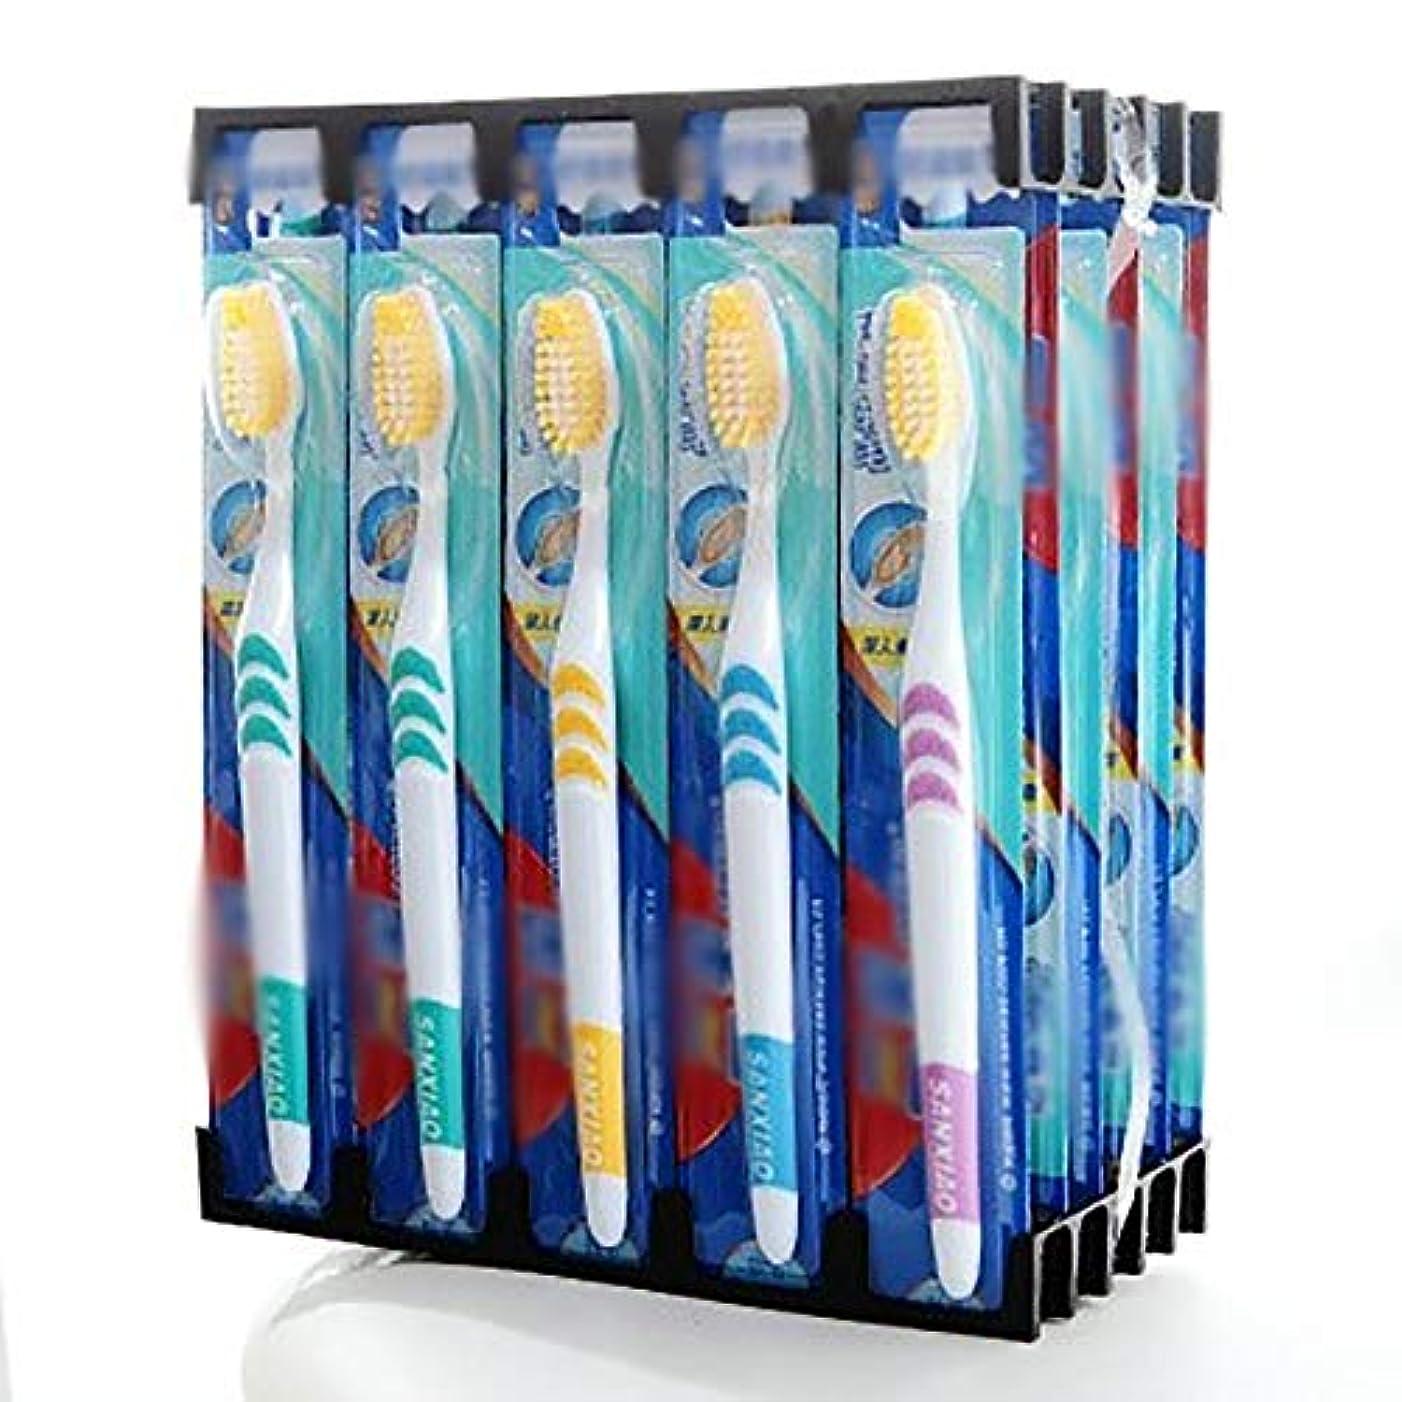 主権者国歌コミュニケーション歯ブラシ 大人のための30歯ブラシ、バルク歯ブラシ、ソフト歯ブラシ - 使用可能なスタイルの3種類 HL (色 : C, サイズ : 30 packs)